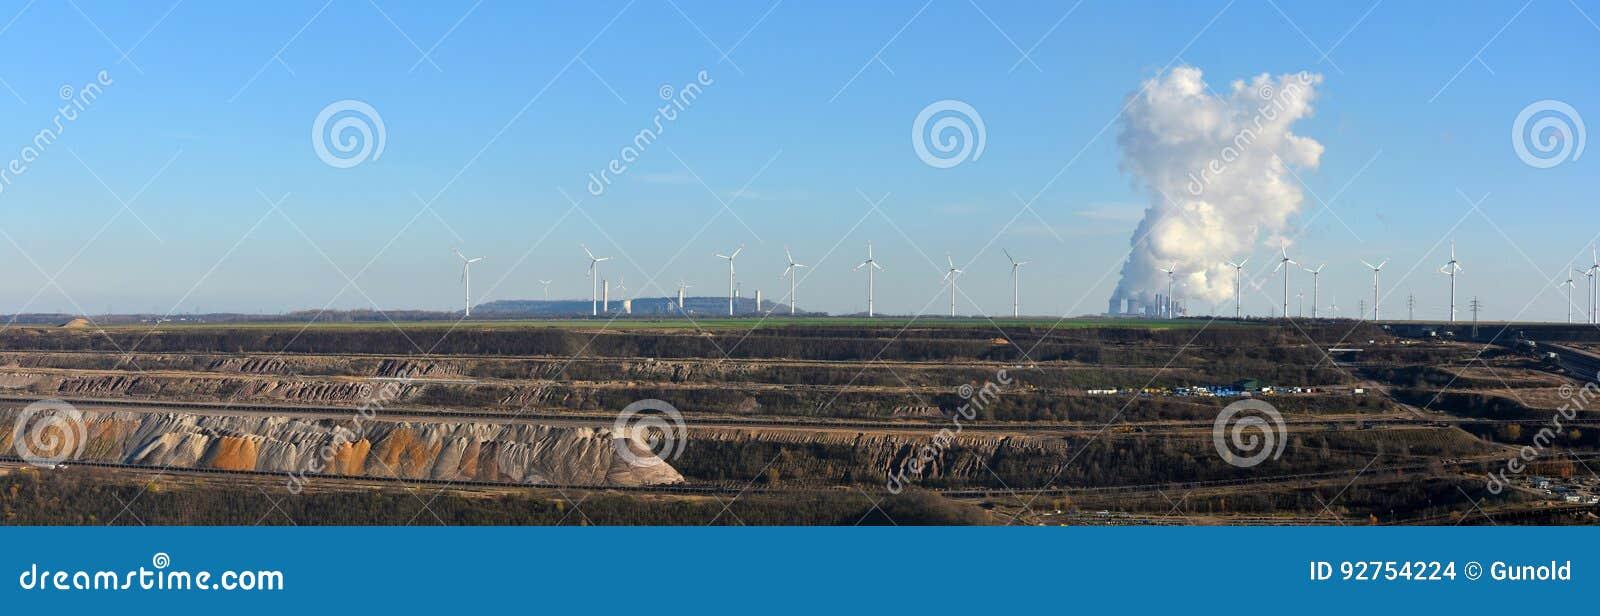 全景露天矿、能源厂和风能